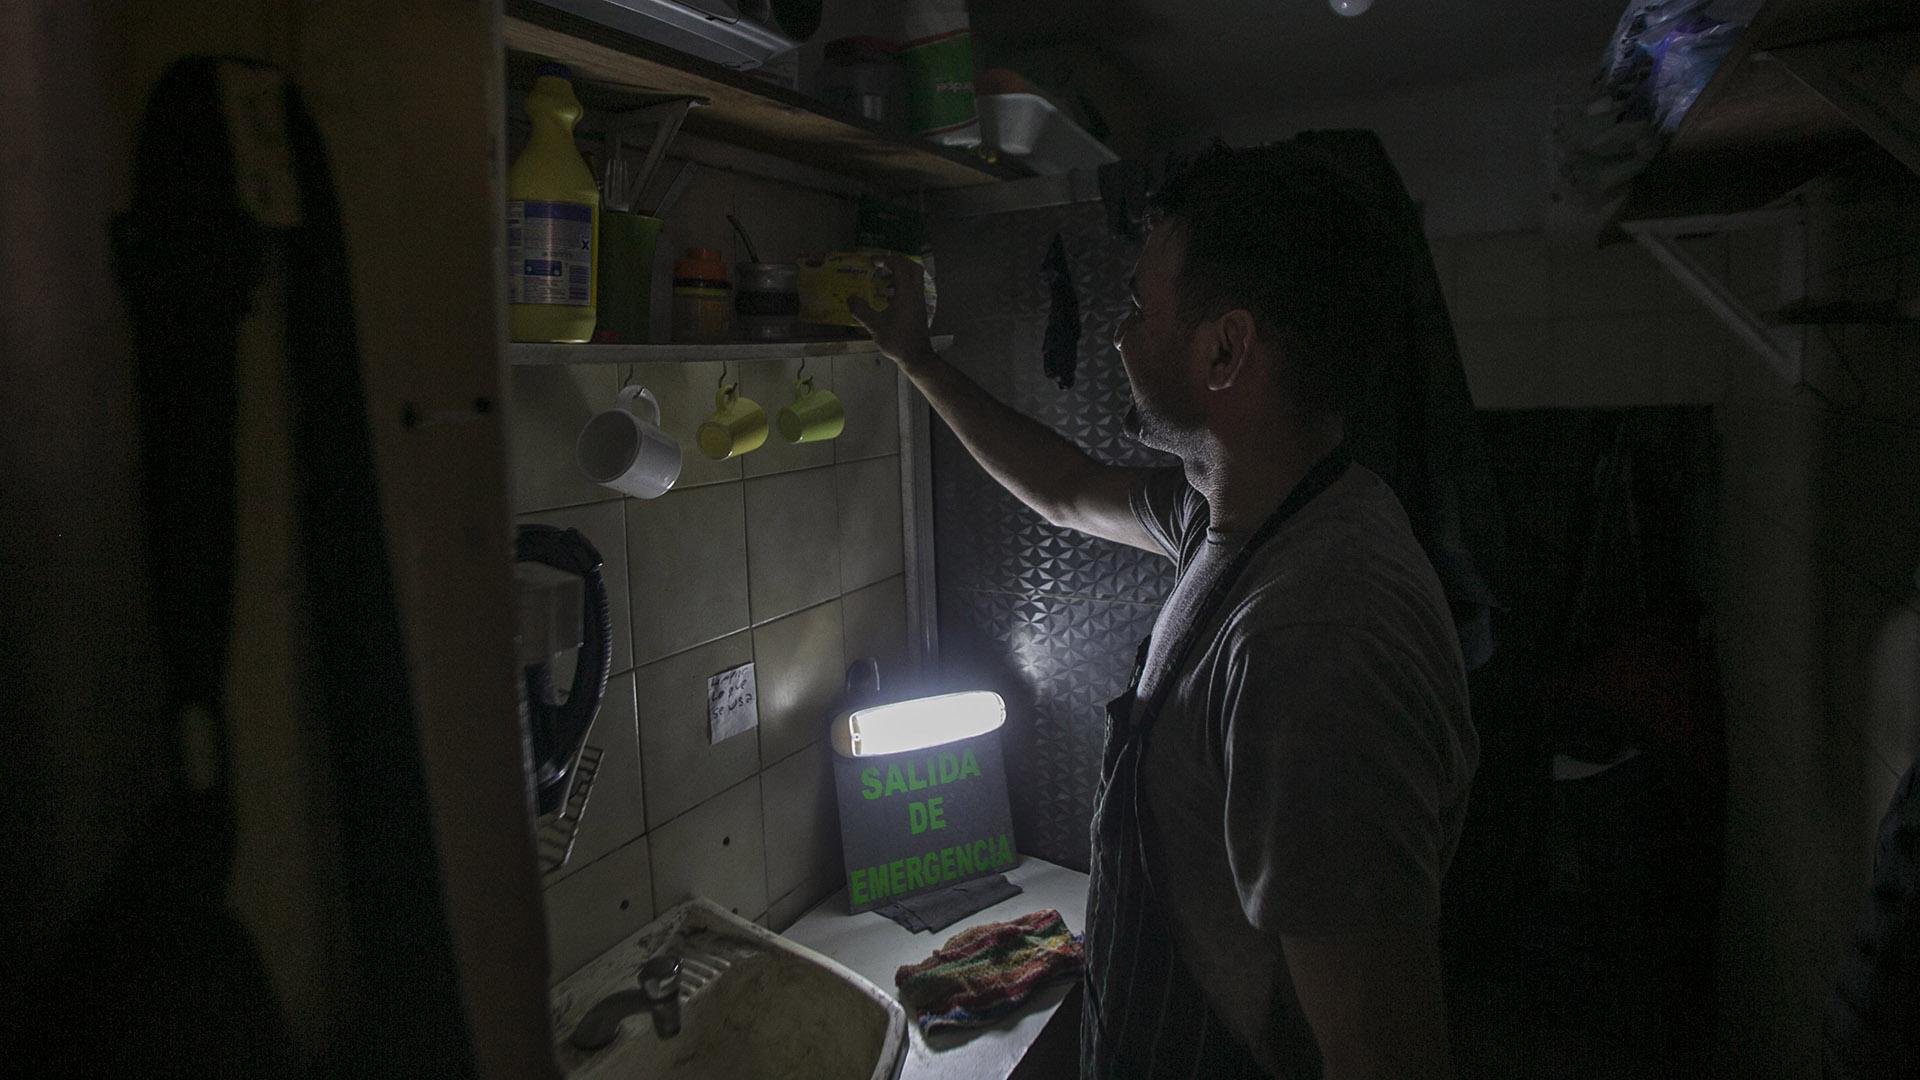 Casi 20 mil personas llevan más de 24 horas sin luz por un apagón masivo en La Plata